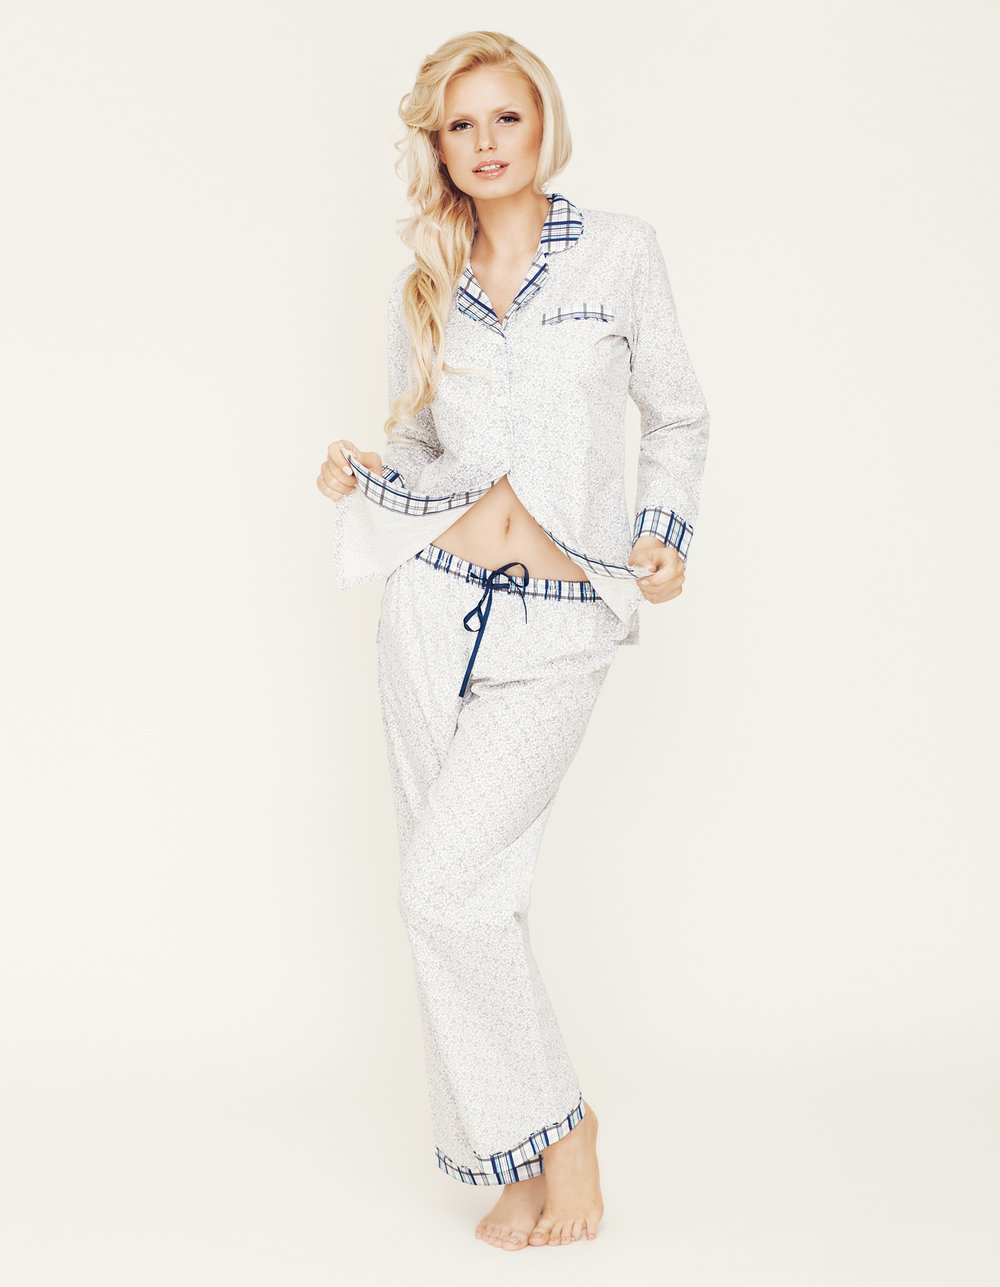 pijamas__MG_8134.jpg